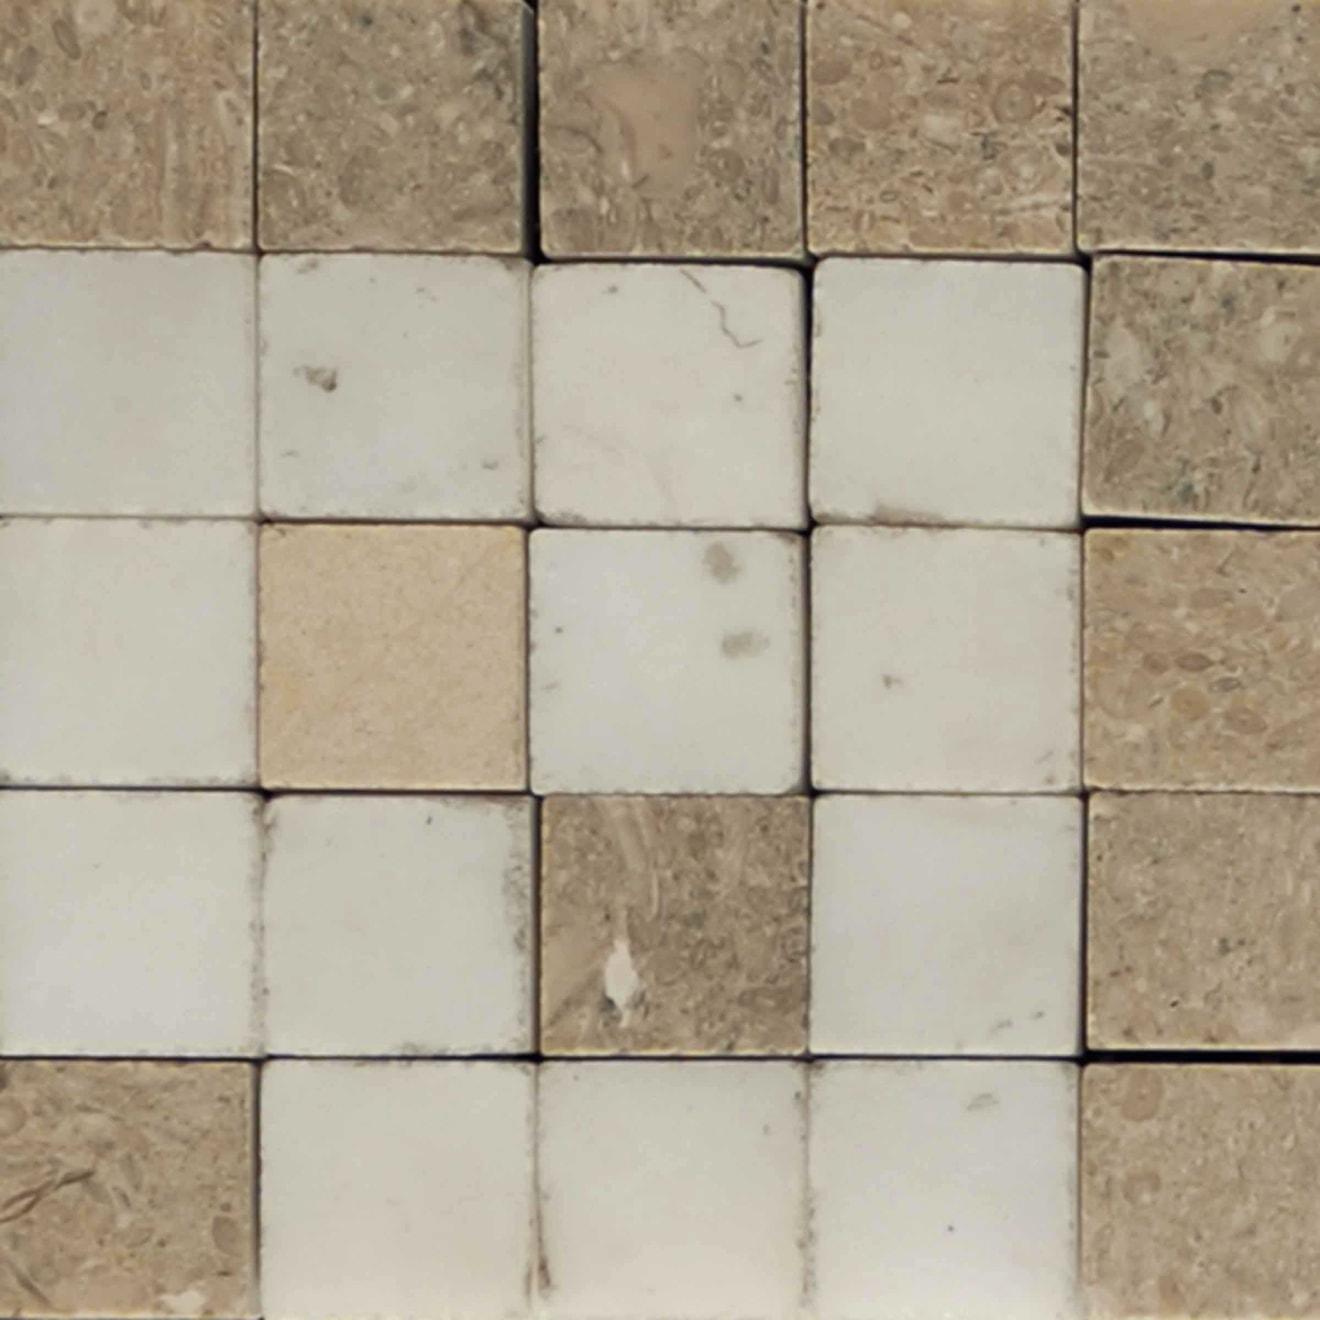 """Mod Rocks 3"""" x 3"""" Decorative Tile in Brioche, Calacatta, Tepenade"""